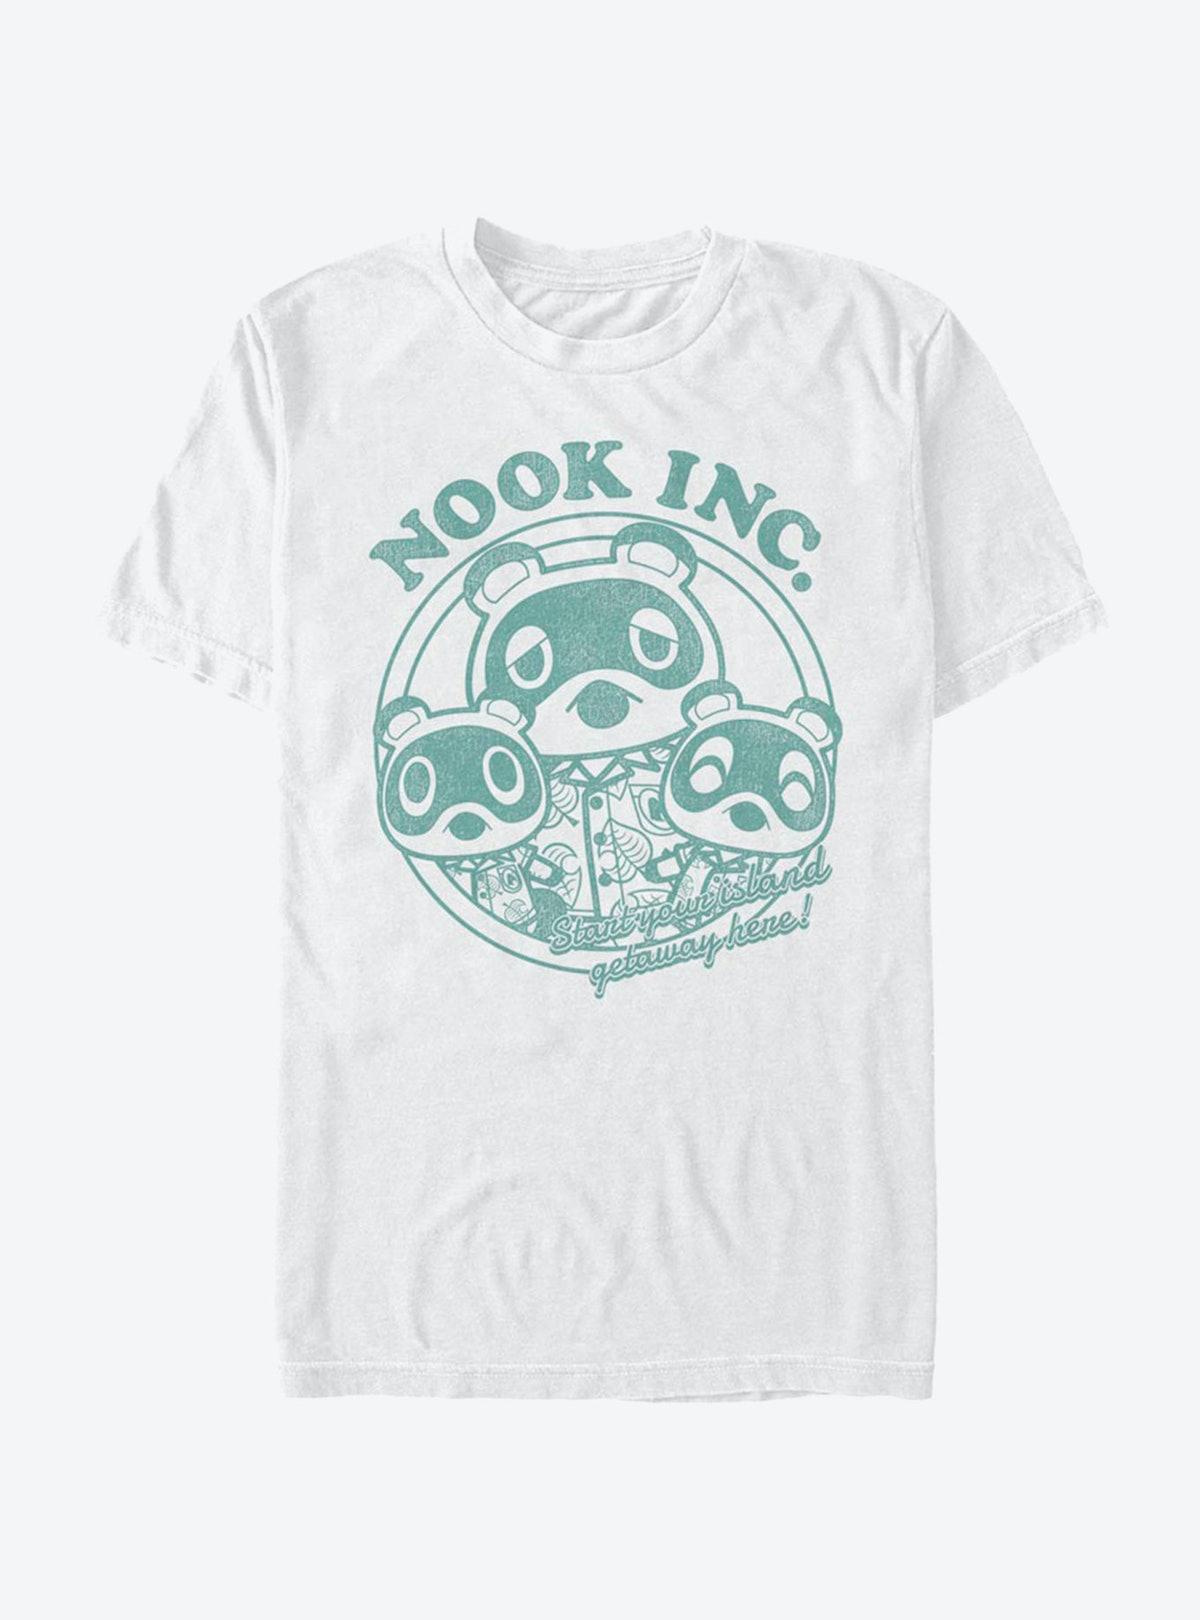 Hot Topic Animal Crossing Nook Inc. Getaway T-Shirt